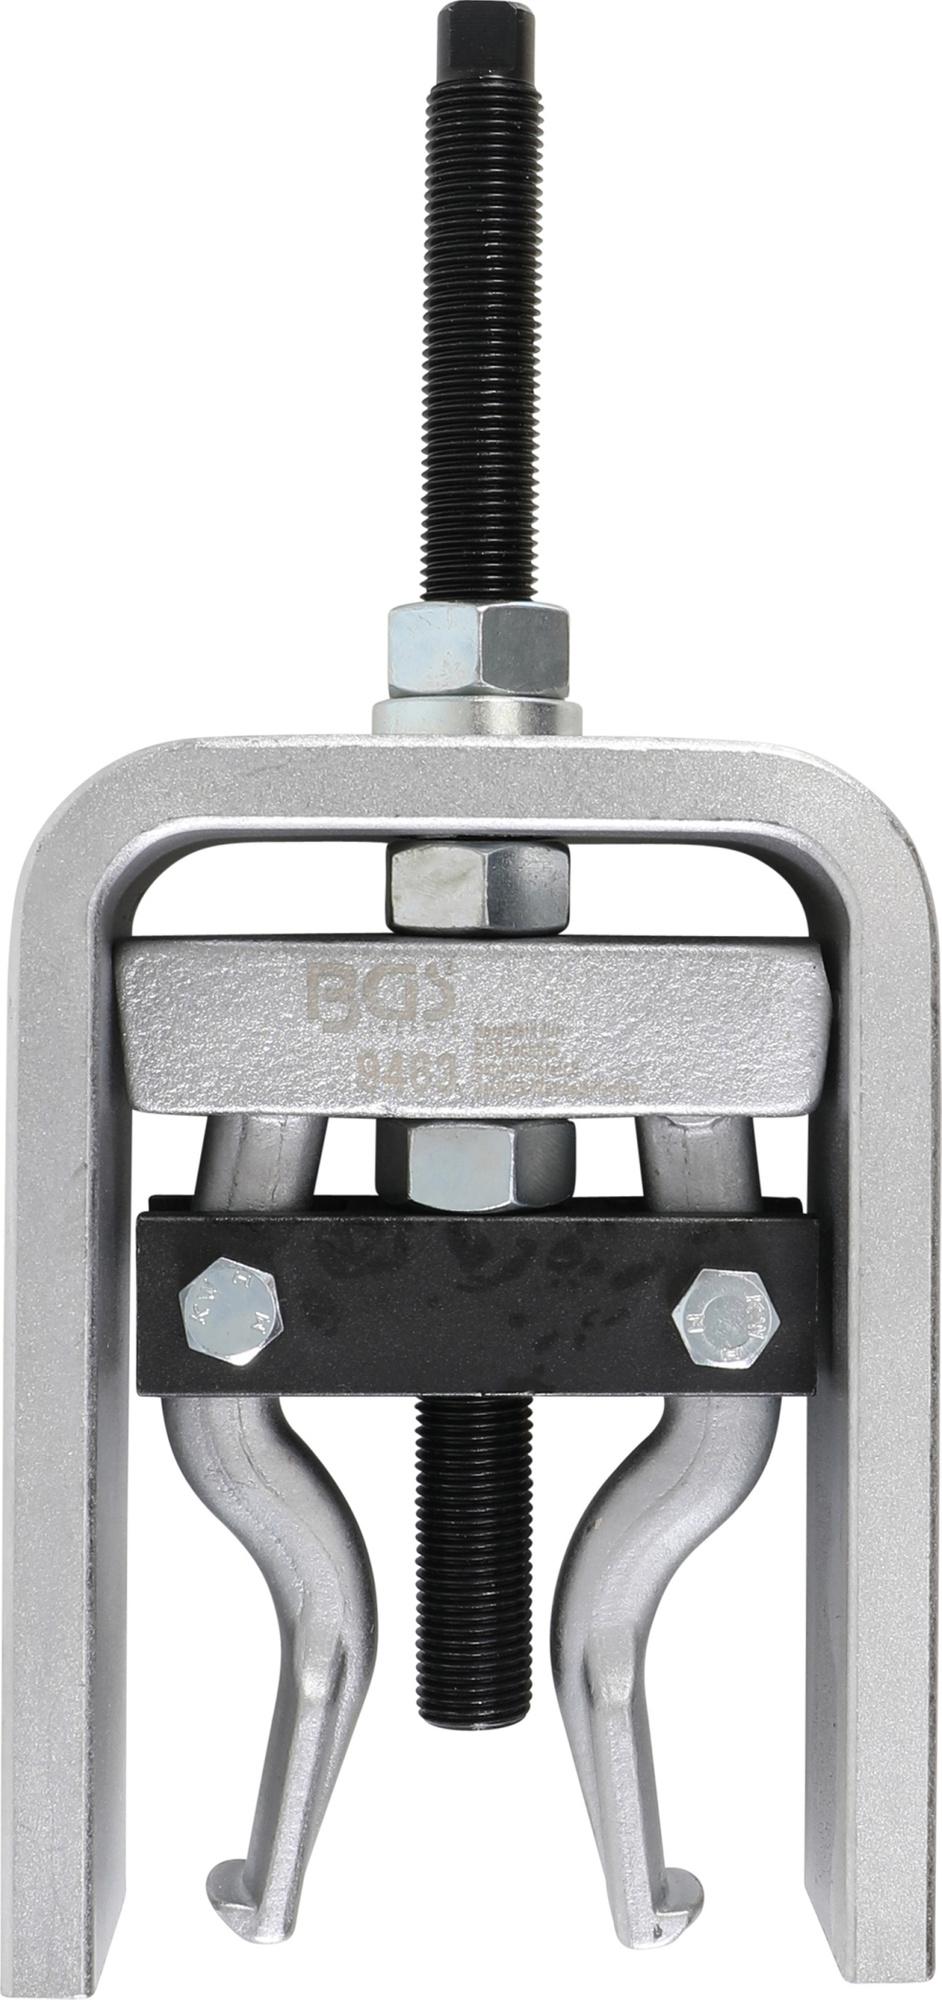 BGS 9463 Abzieher für Innenlager für Ø 24 - 51mm